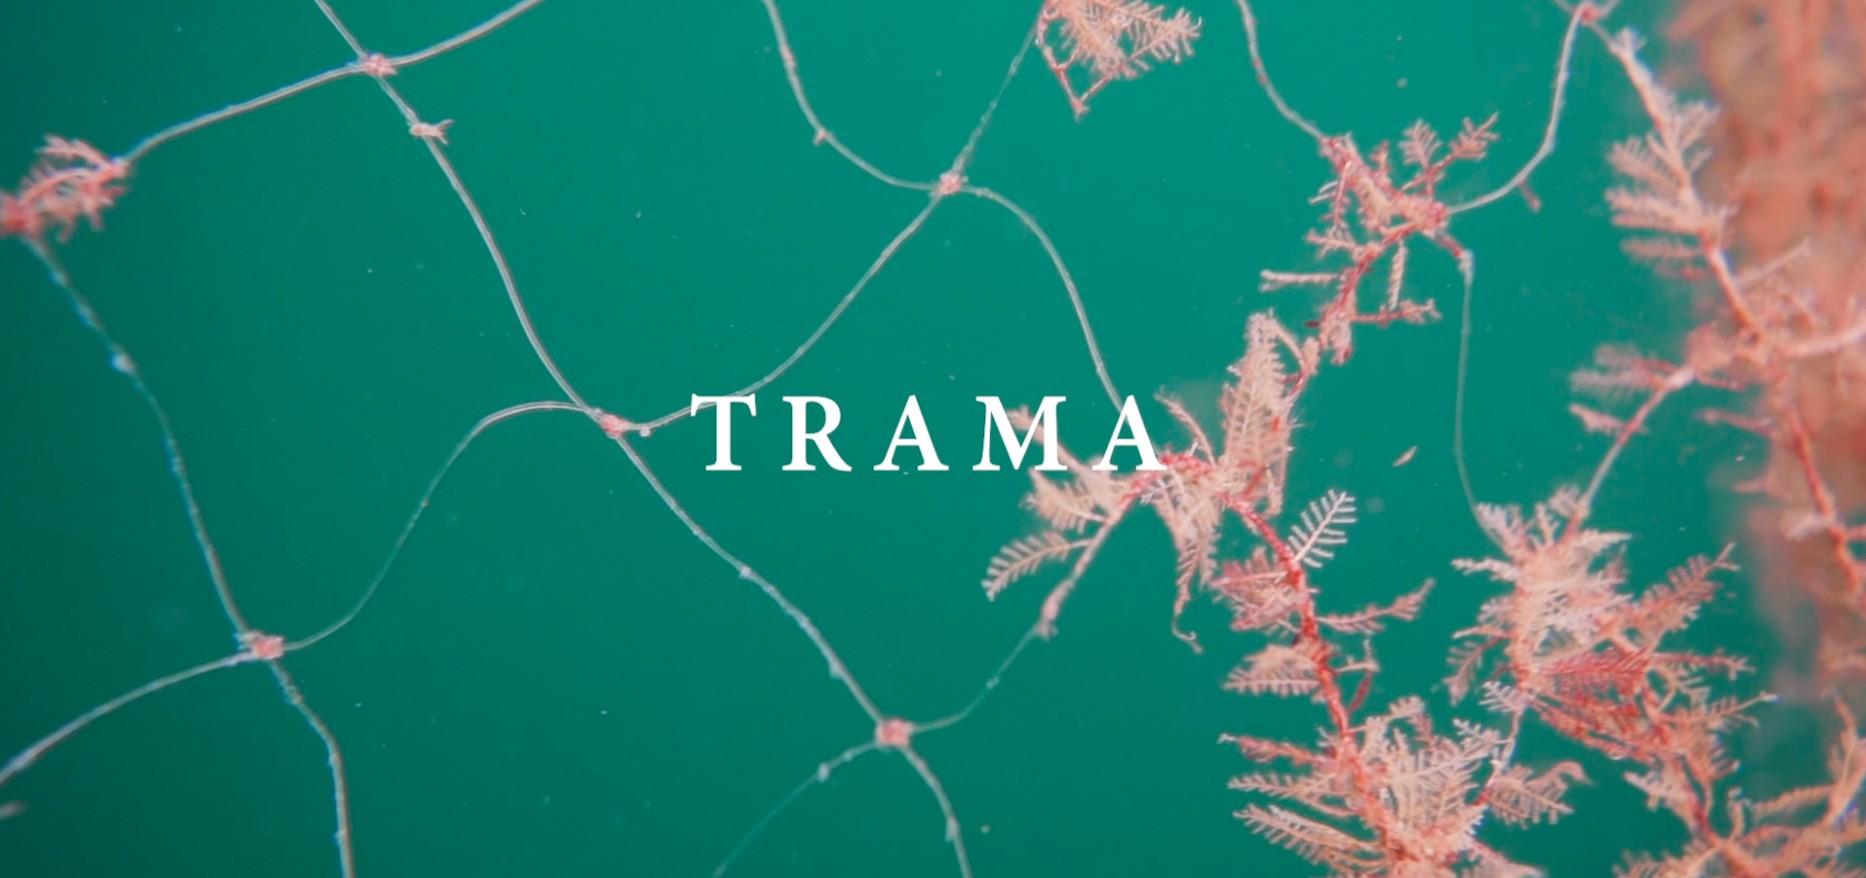 TRAMA - filme de Felipe Julian